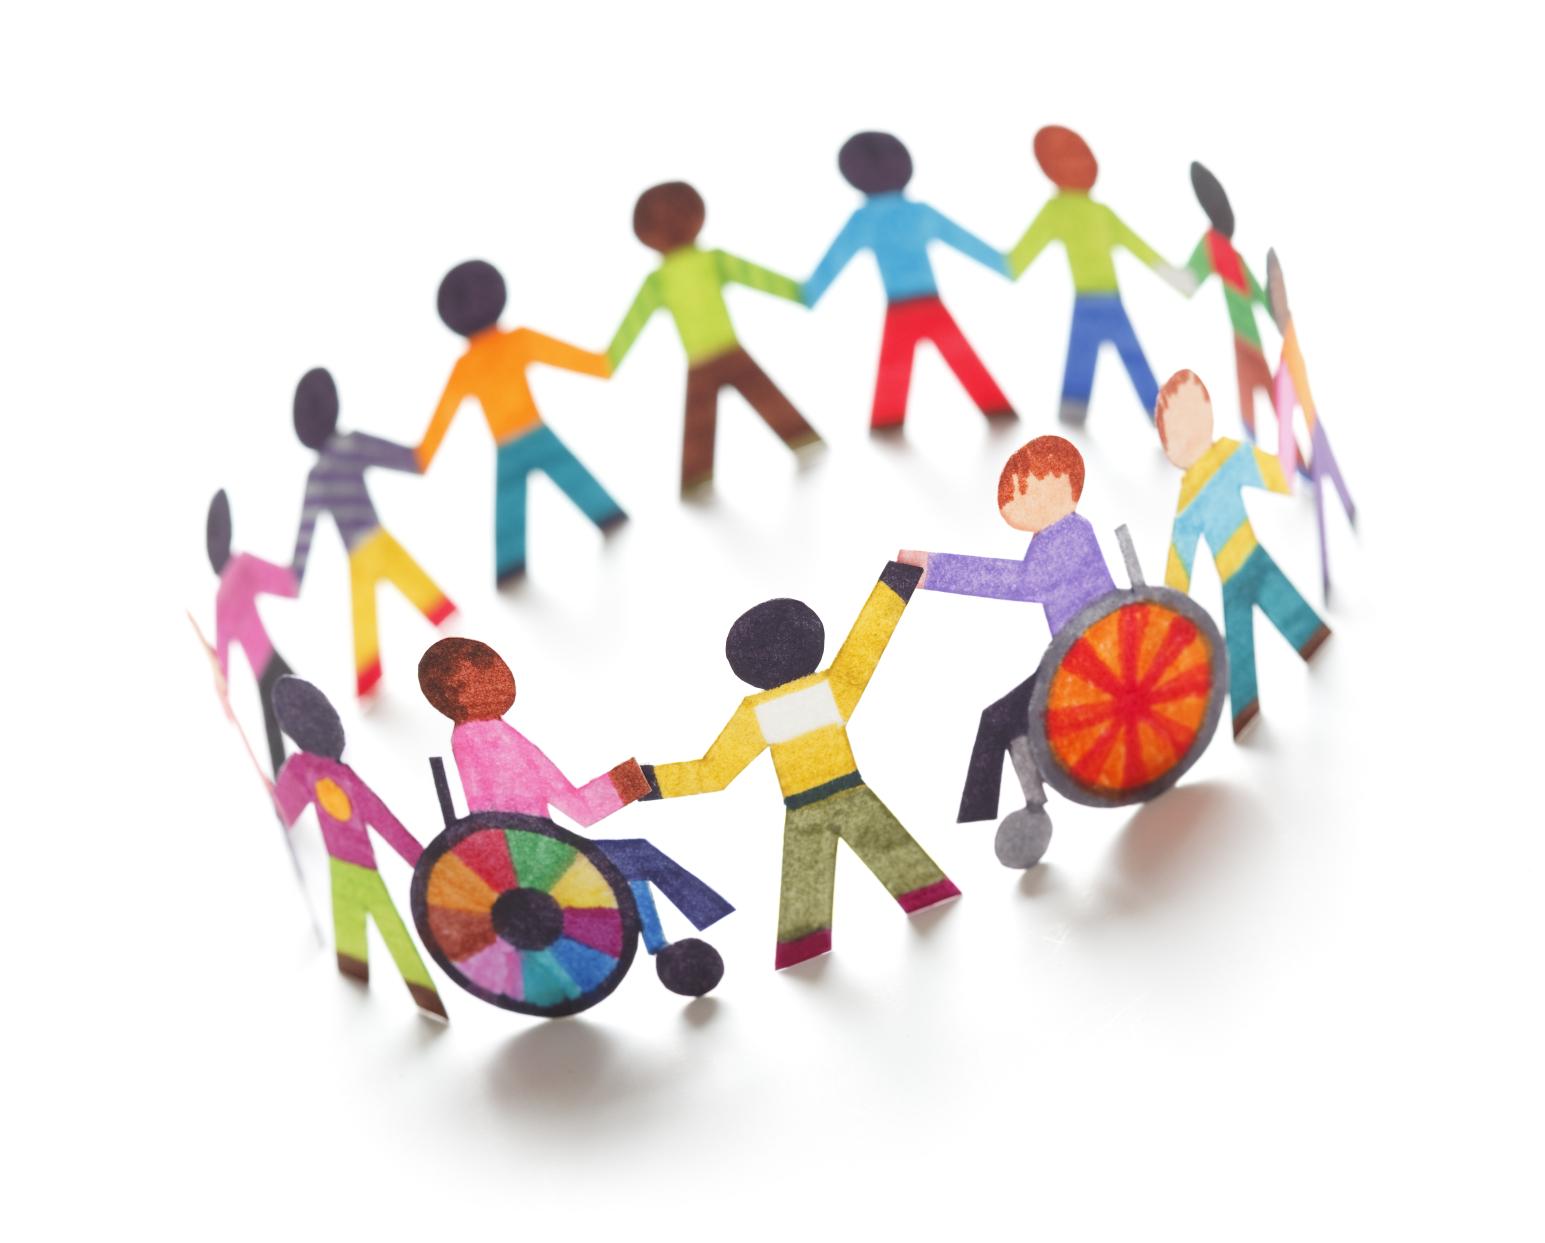 El derecho a la educación inclusiva - Radio Cantilo